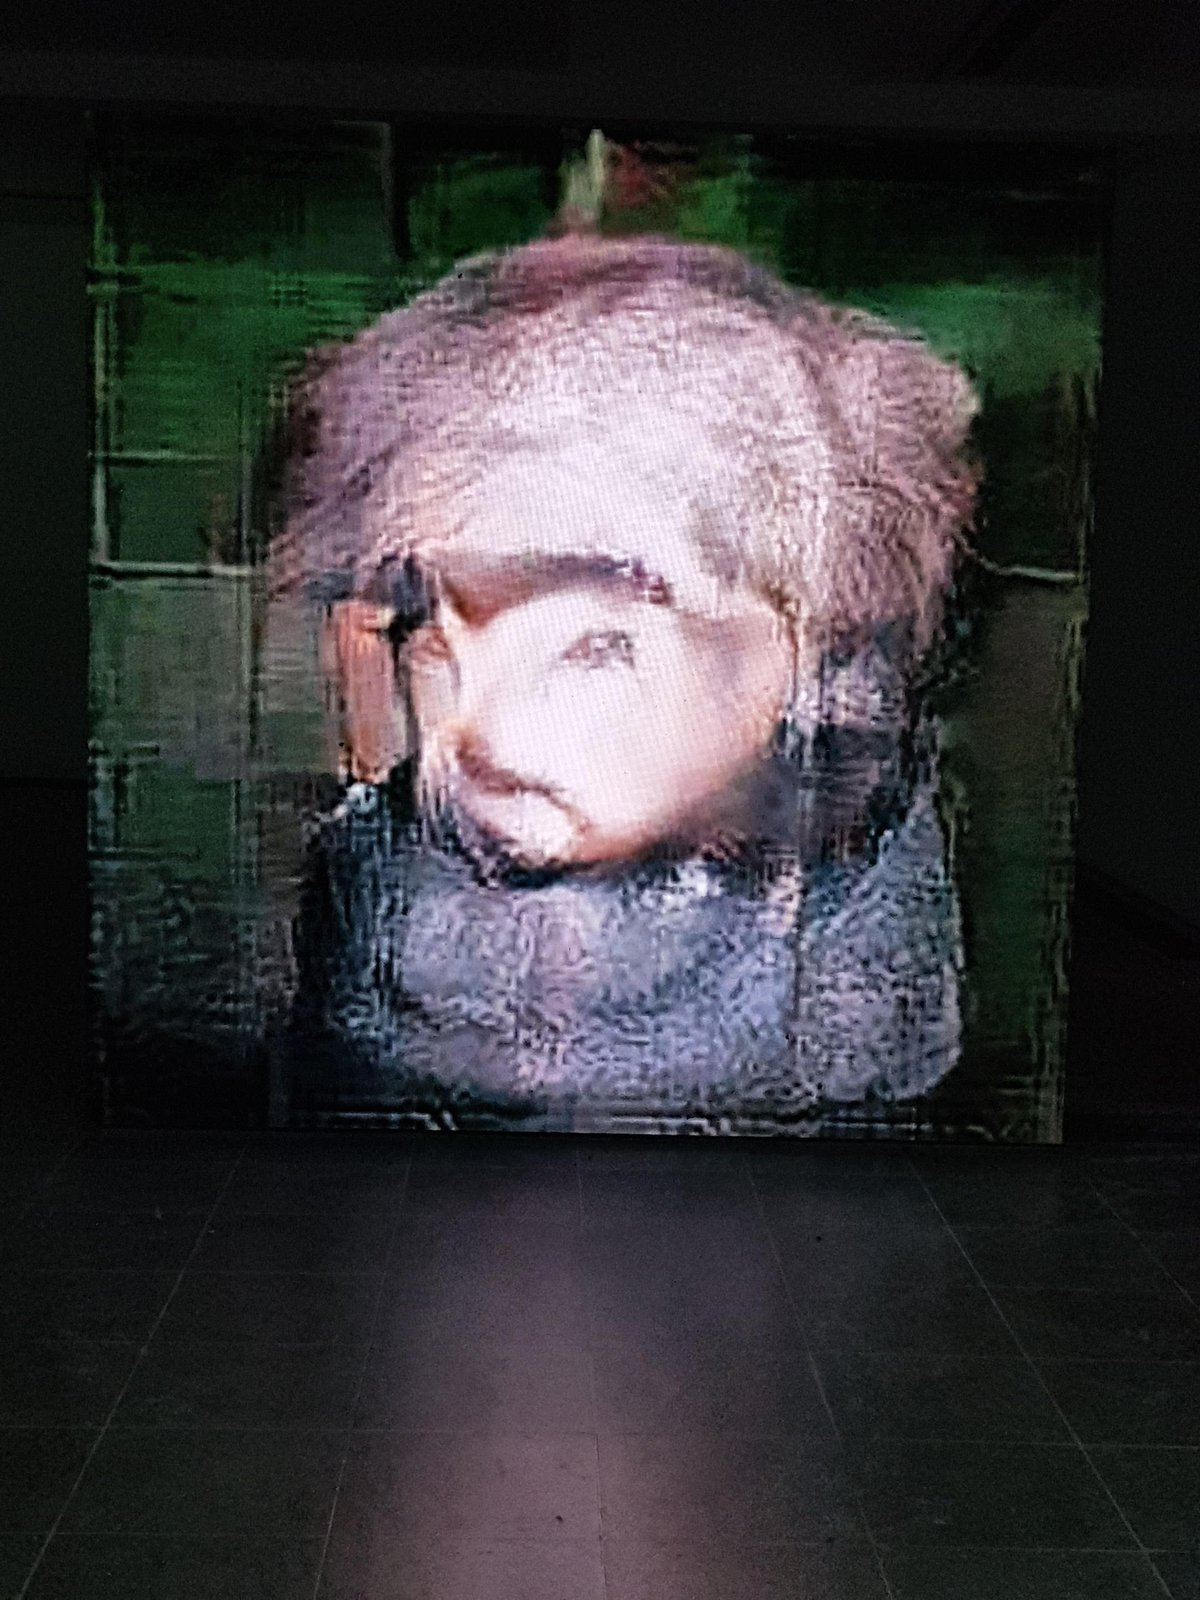 Pierre Hughe Uumwelt exhibition Serpentine gallery 2019 courtesy of john davies.jpg